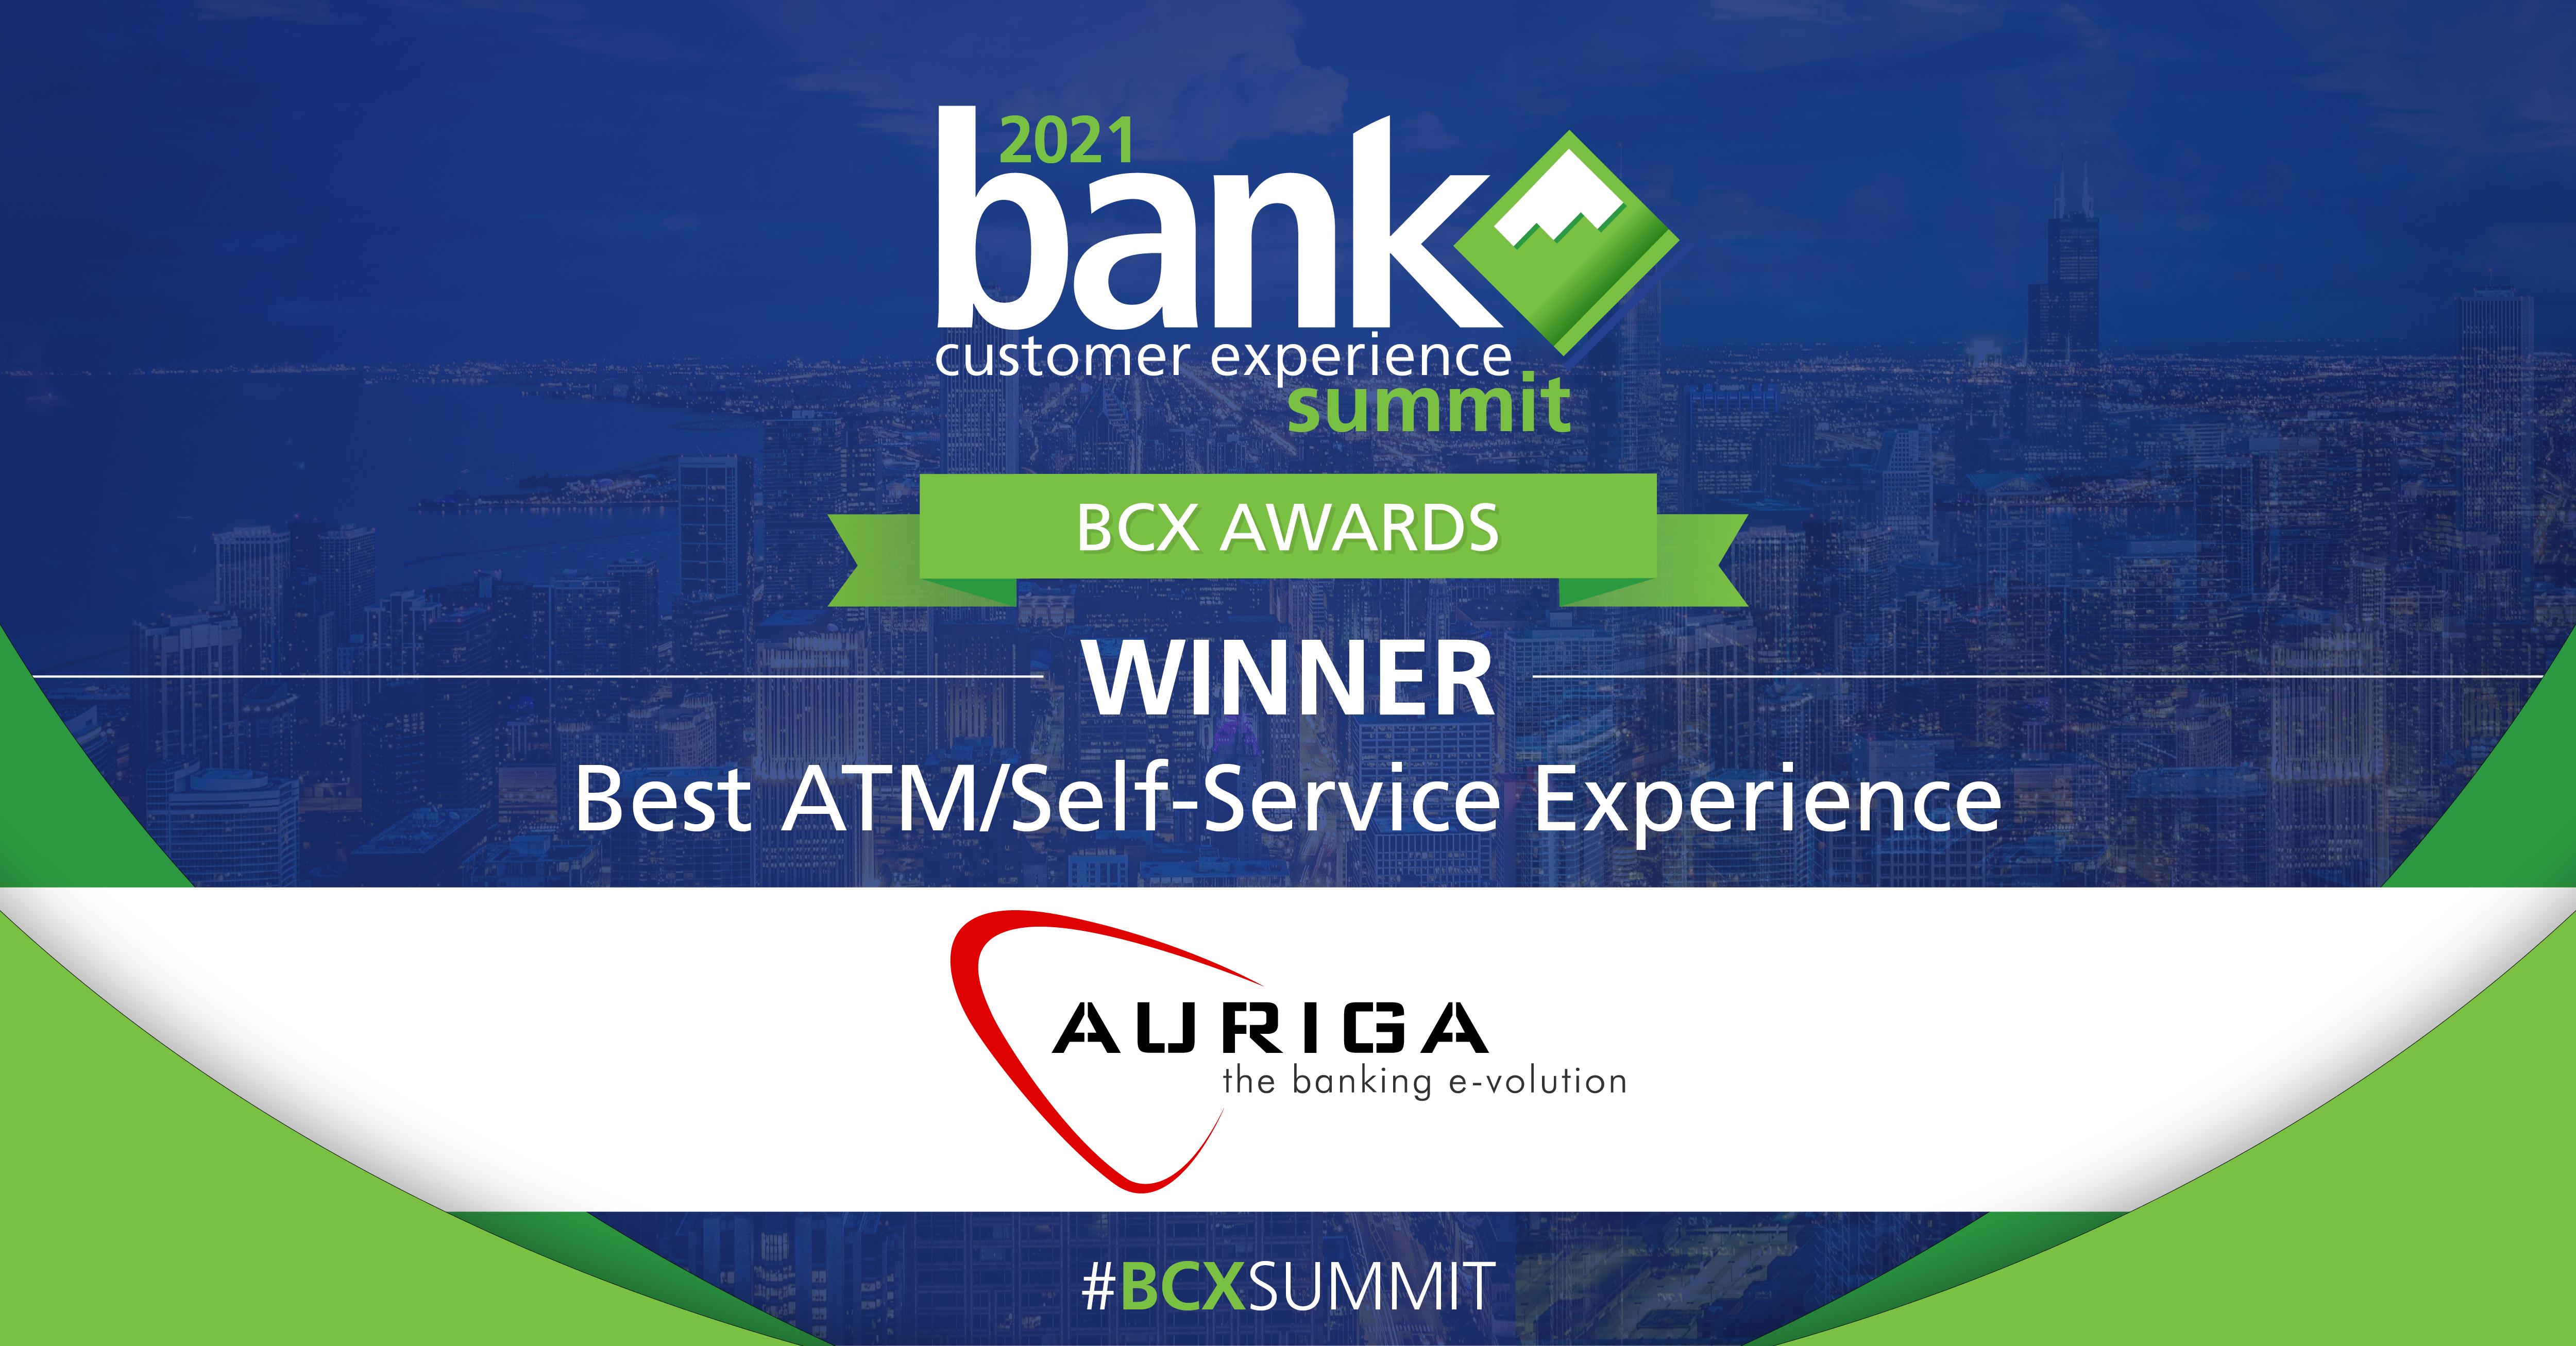 Auriga Wins Top International Award for #NextGenBranch Solution